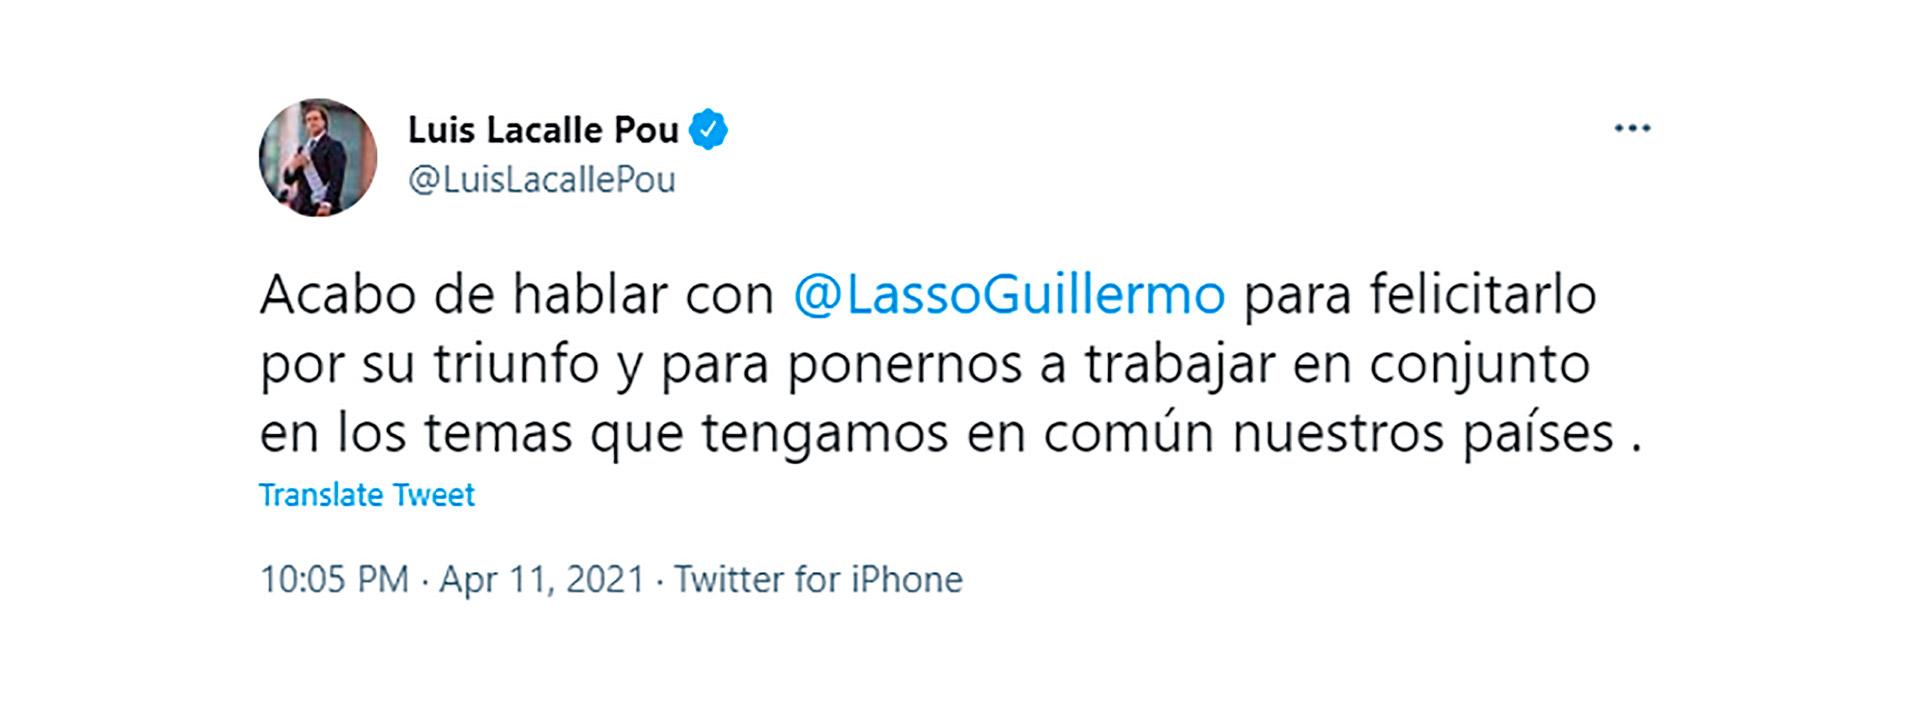 Tweet del presidente de Uruguay por la victoria de Lasso en Ecuador